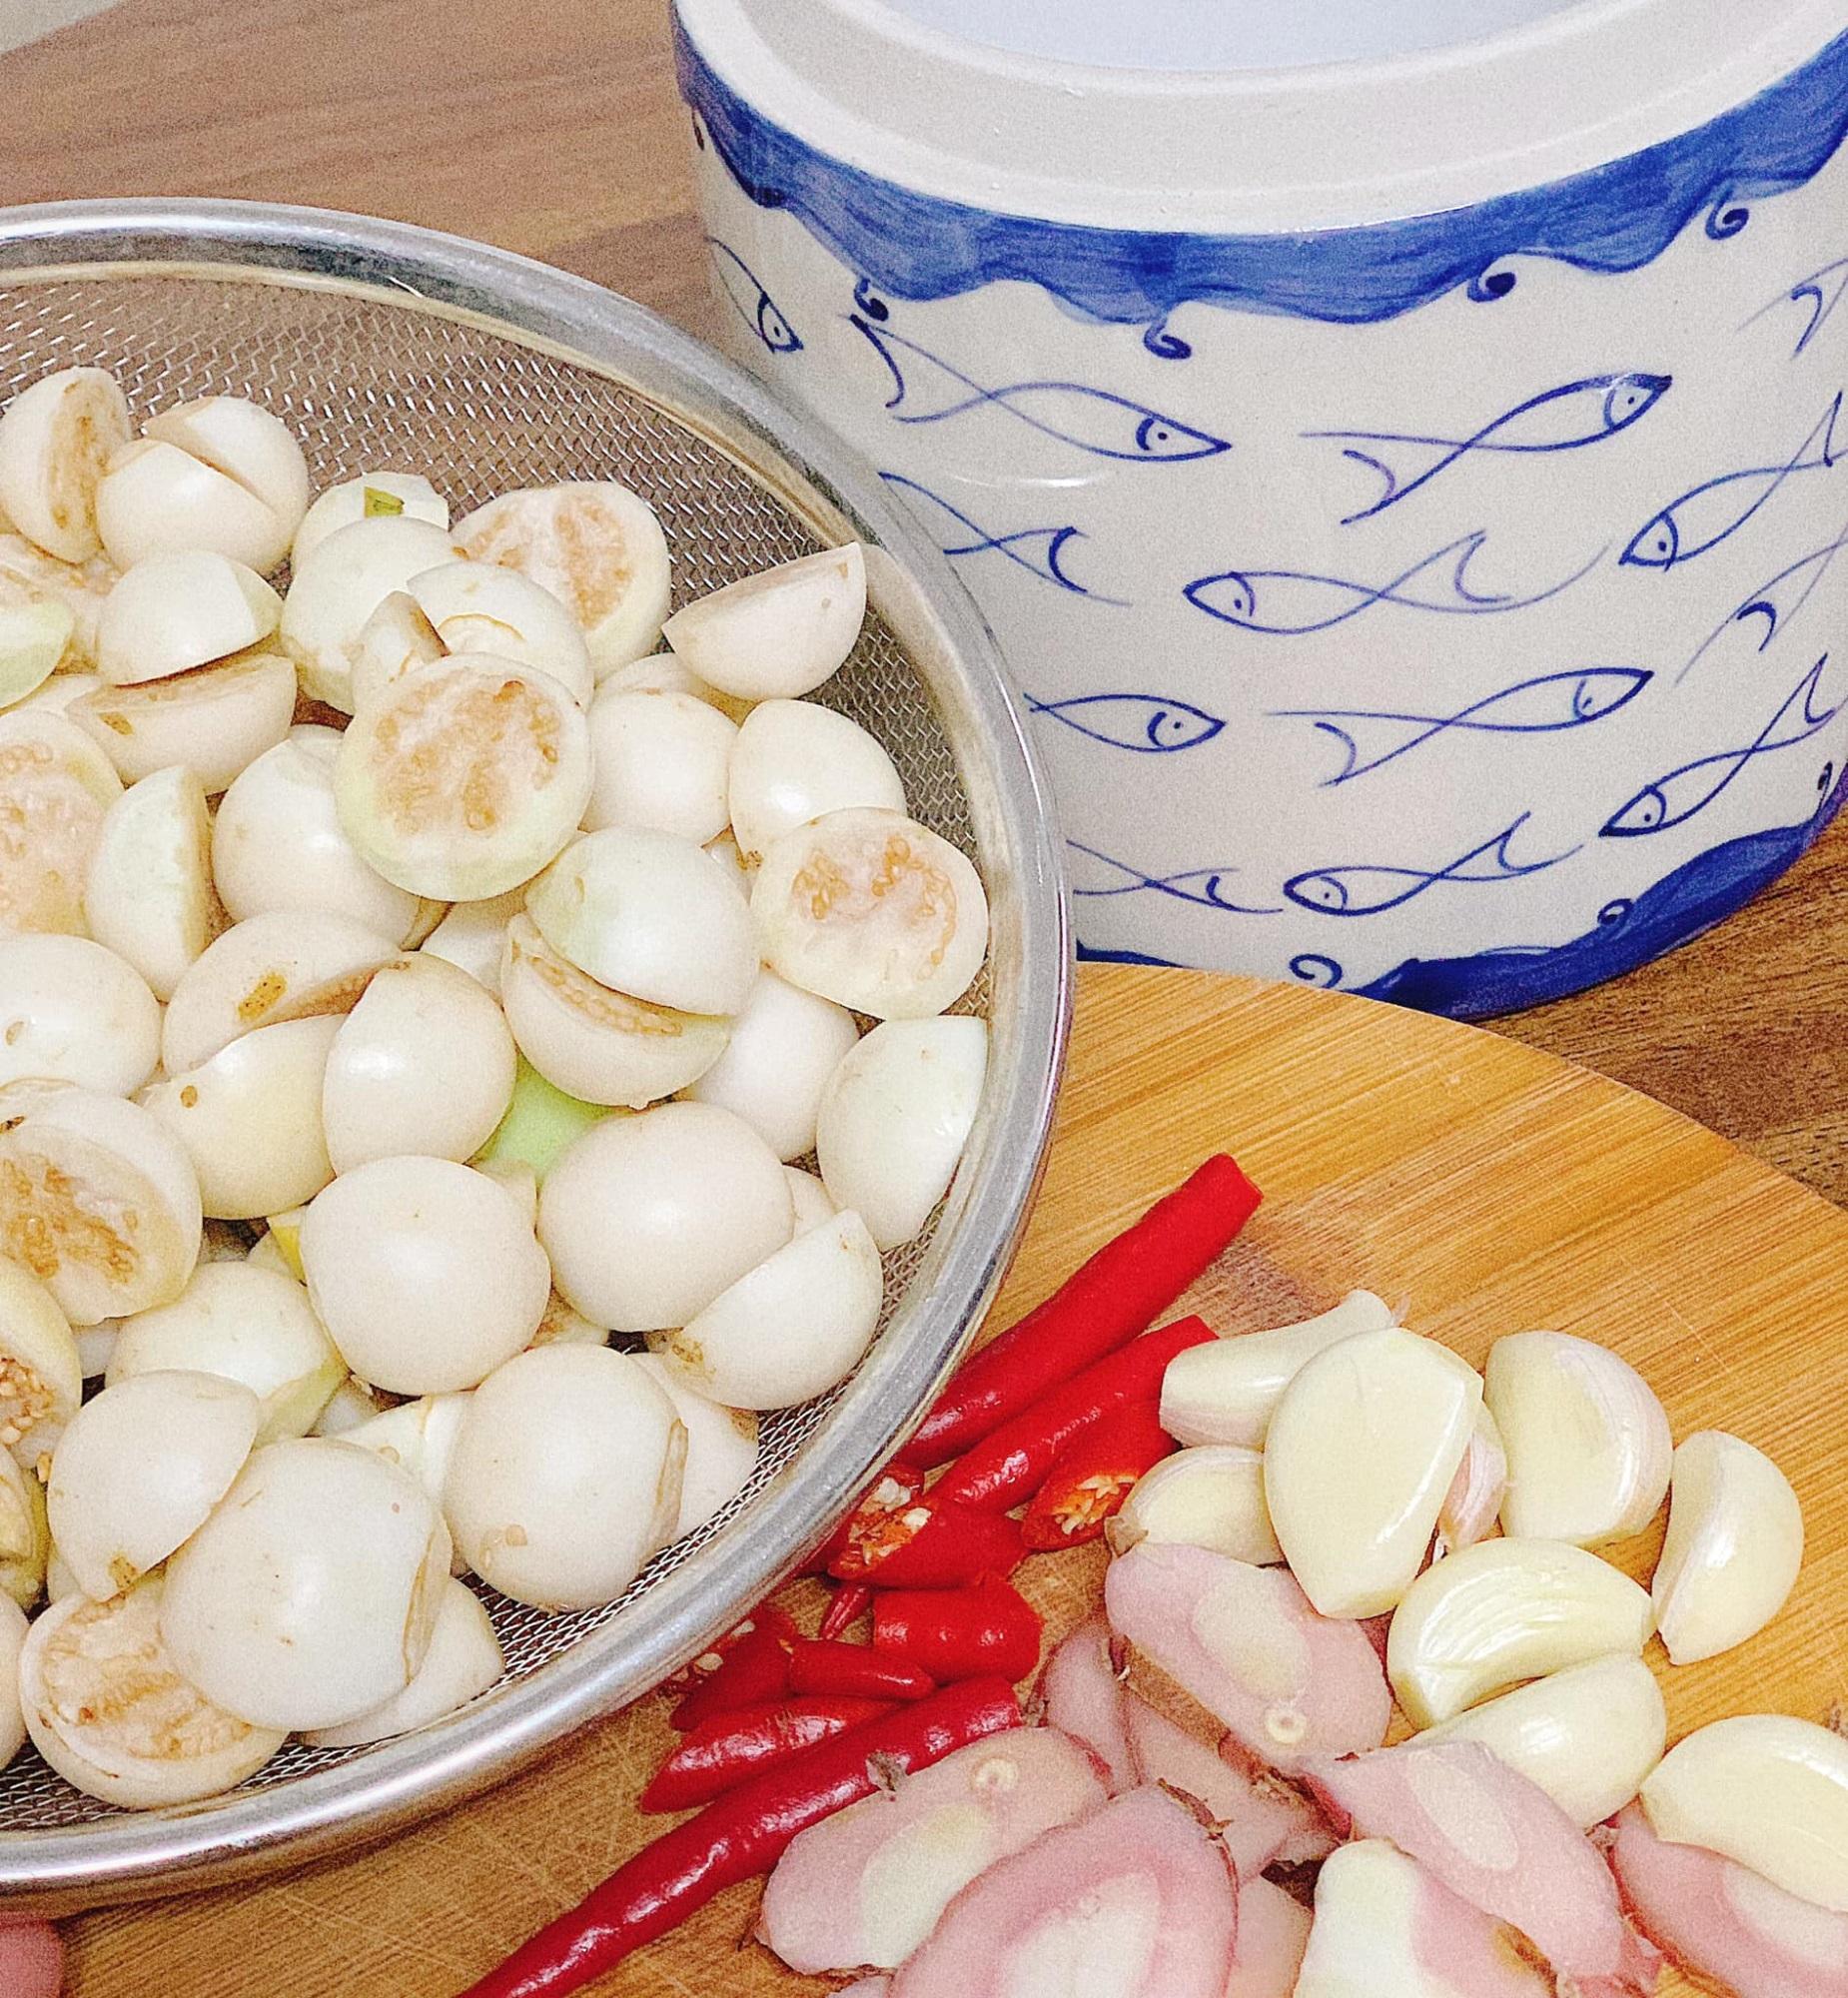 Học ngay cách làm bát cà muối đậm vị giòn rụm ăn kèm rau luộc, ngon 'quên ngày tháng' đấy chị em ơi! - Ảnh 2